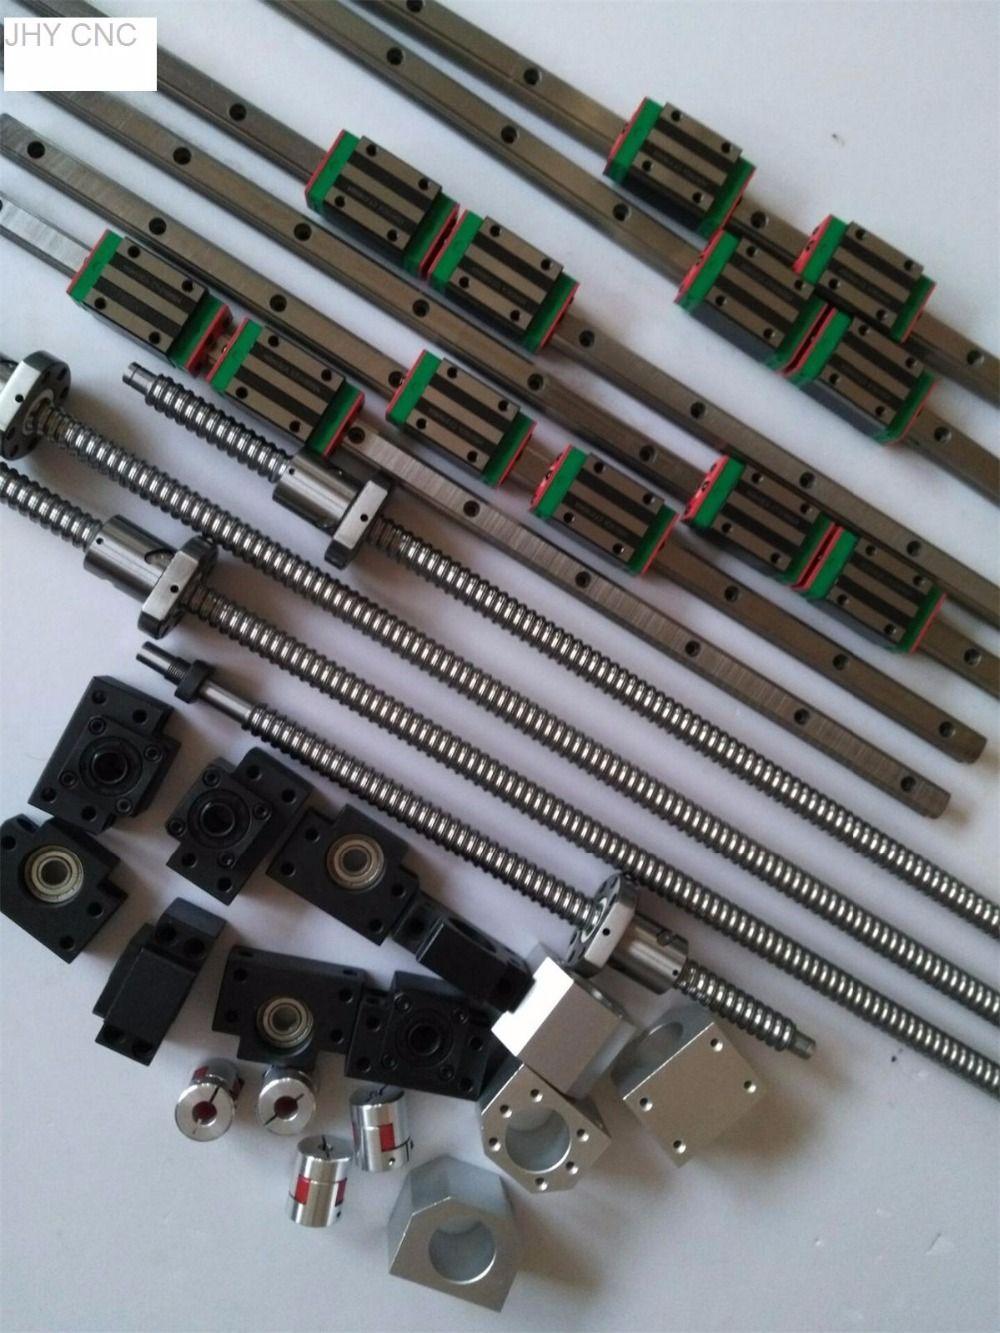 3 kits JHY linear rail profile guideway +4 ballscrews ball screws SFU type+4set BK/BF15+4ballut Housing + 4coupler